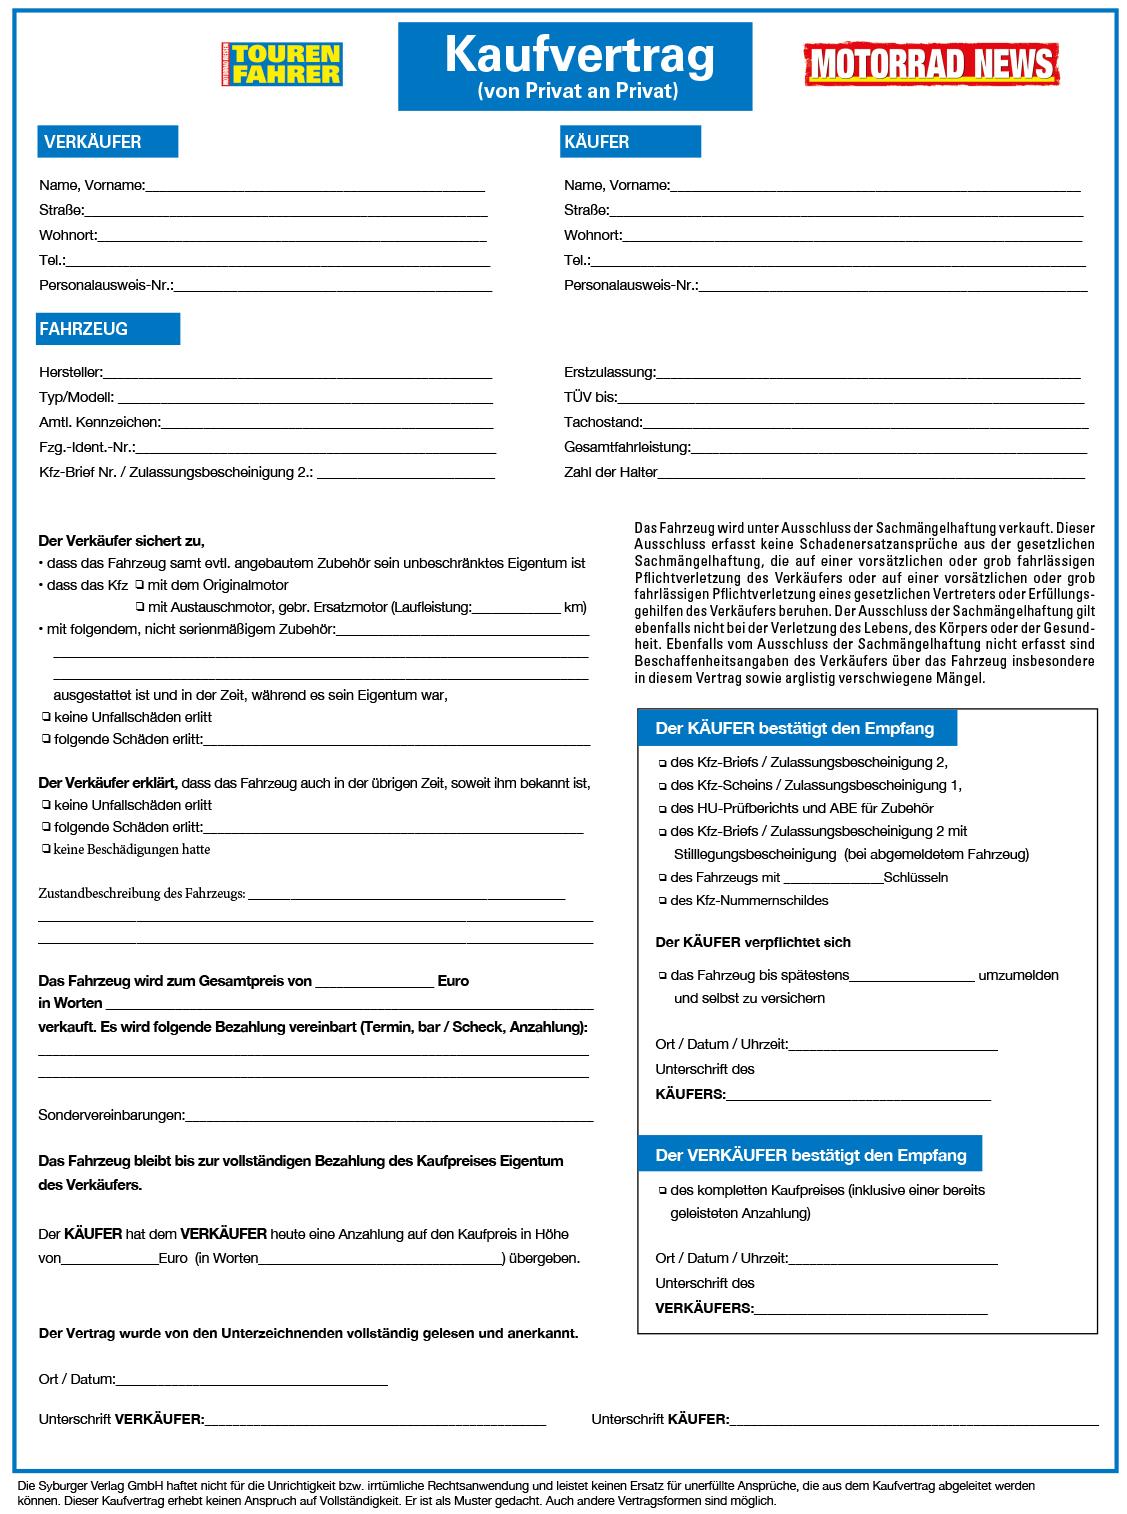 Kaufvertrag für ein gebrauchtes Kraftfahrzeug (von Privat an Privat)